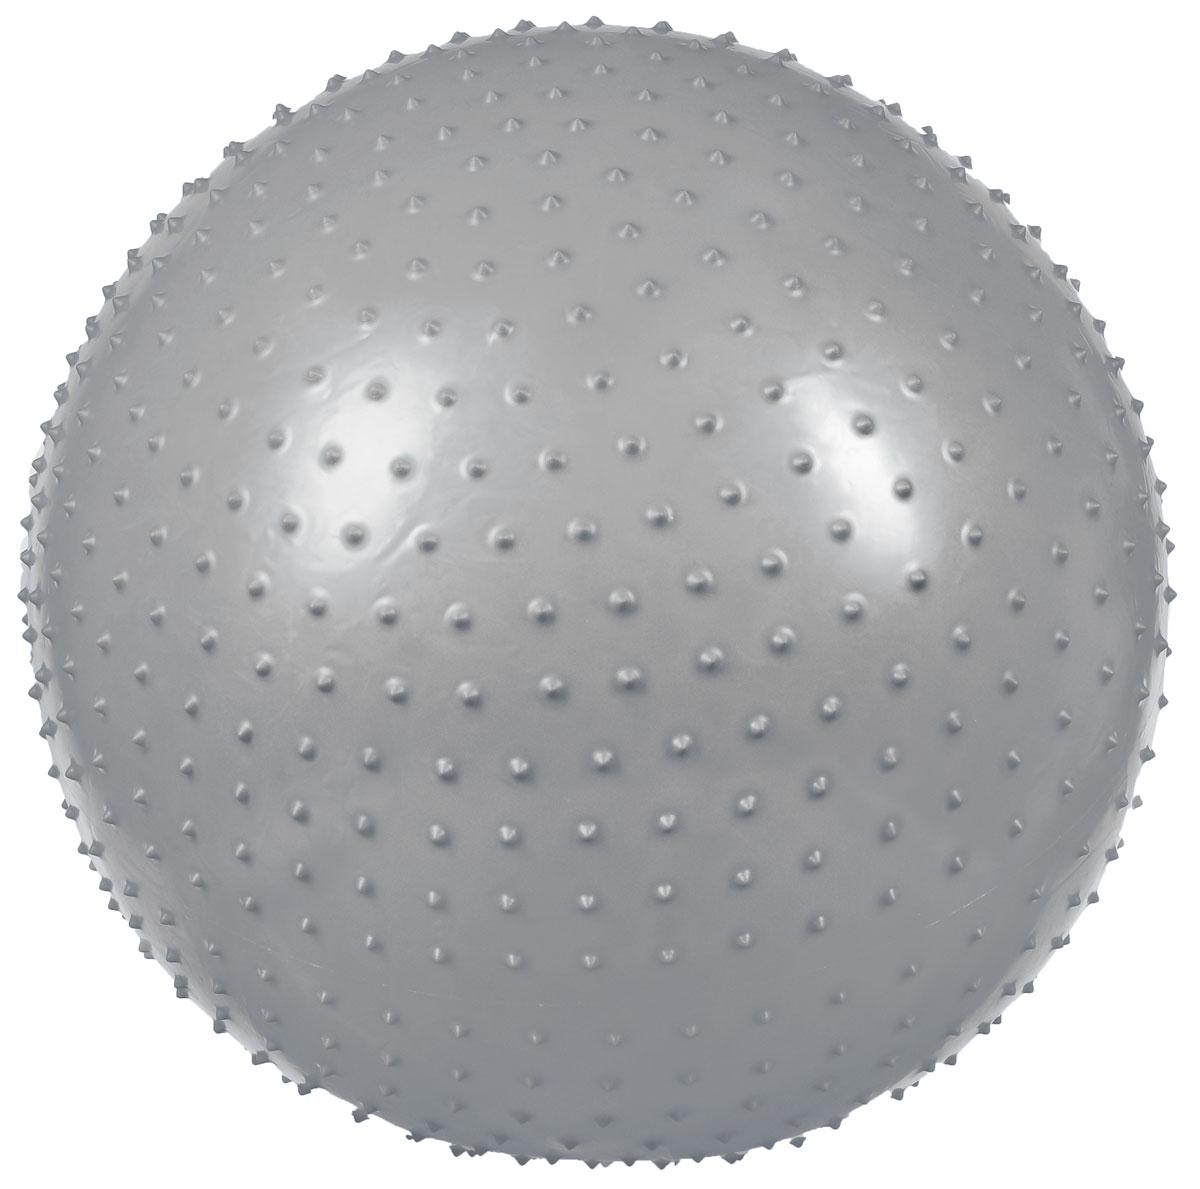 Мяч гимнастический Ironmaster, массажный, цвет: серый, 65 см. IR974043B327Мяч гимнастический массажный Ironmaster предназначен для занятий фитнесом, аэробикой, лечебной физкультурой. Оказывает массажный эффект на спину, ягодицы, бедра.Тренировки с гимнастическим мячом подходят для всех возрастных категорий, так как он практически полностью исключает нагрузку на позвоночник, суставы и связки. Отлично тренирует сердце, дыхательную систему, вестибулярный аппарат, укрепляет мышцы корпуса, развивает координацию движений, способствует формированию правильной осанки.Различные комплексы упражнений с гимнастическим мячом сейчас очень популярны во всем мире. Занятия с использованием гимнастического мяча идеально подходят для проработки и укрепления мышц спины, живота, рук и ног, а также подготовки беременных женщин к родам. УВАЖАЕМЫЕ КЛИЕНТЫ!Обращаем ваше внимание на тот факт, что мяч поставляется в сдутом виде. Насос входит в комплект.Максимальный вес пользователя: 100 кг.